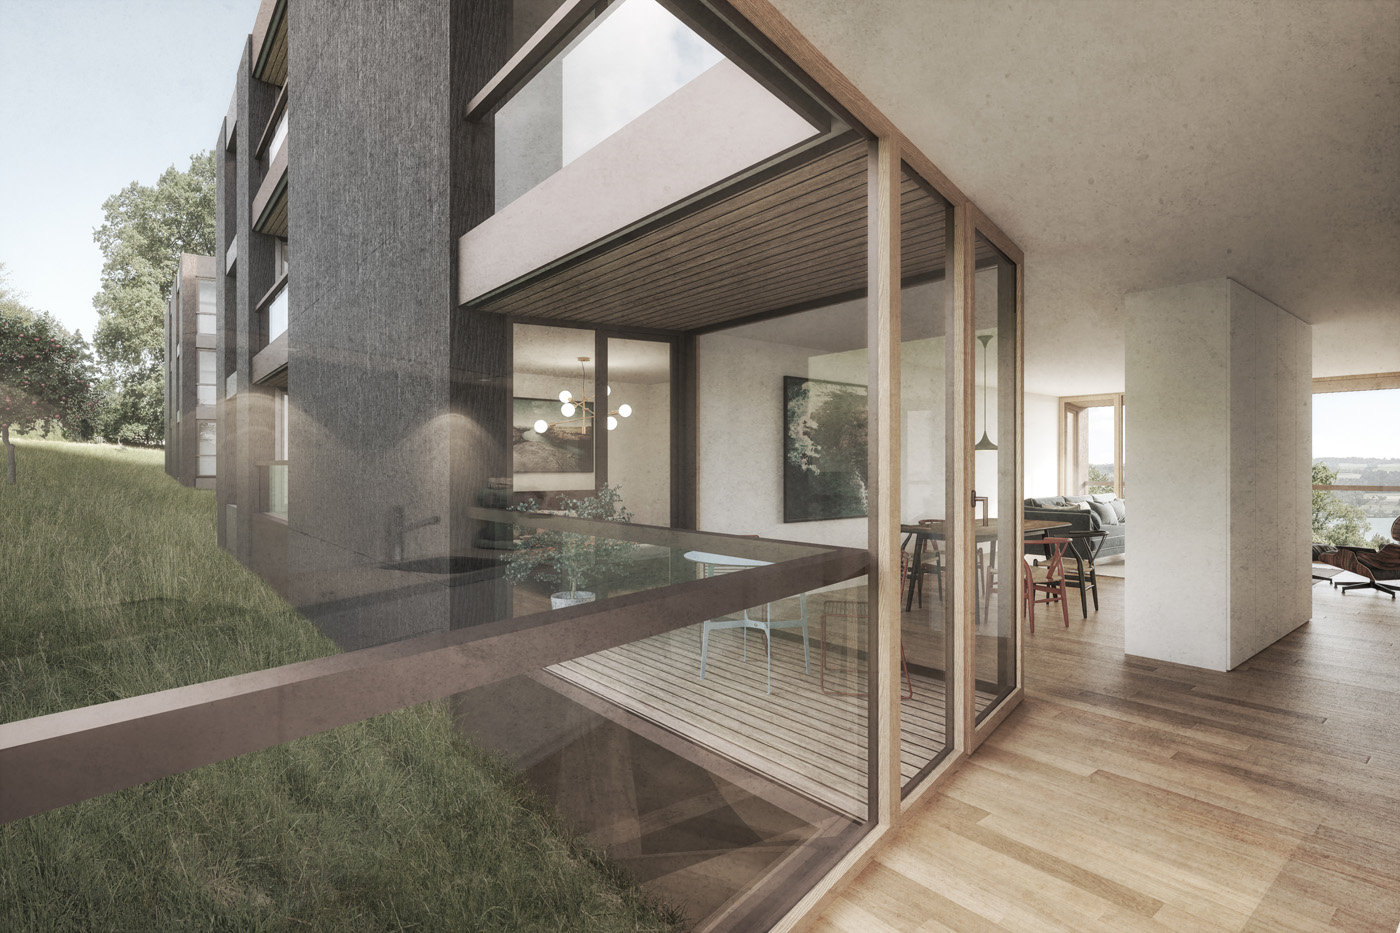 buan-architekten-wygart-sempach-innenraum